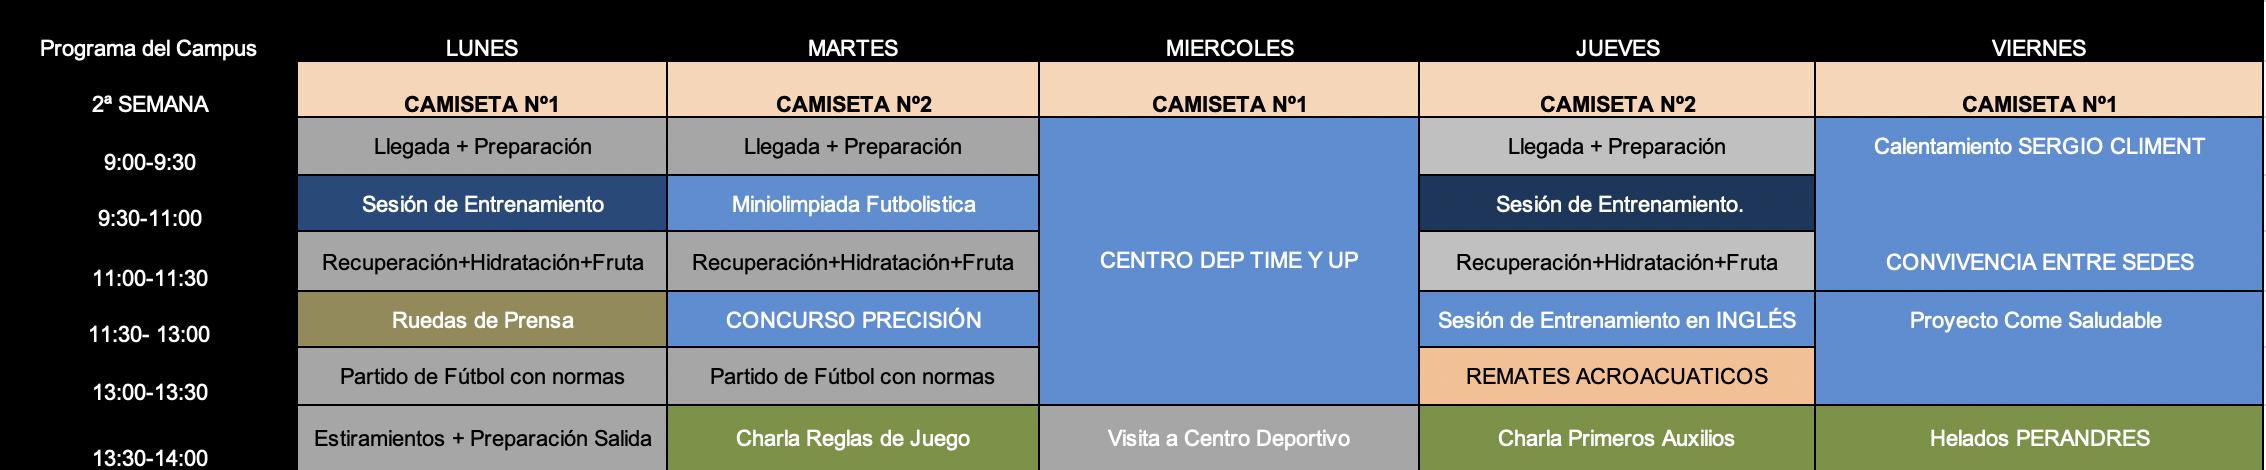 Cronograma campus futbol